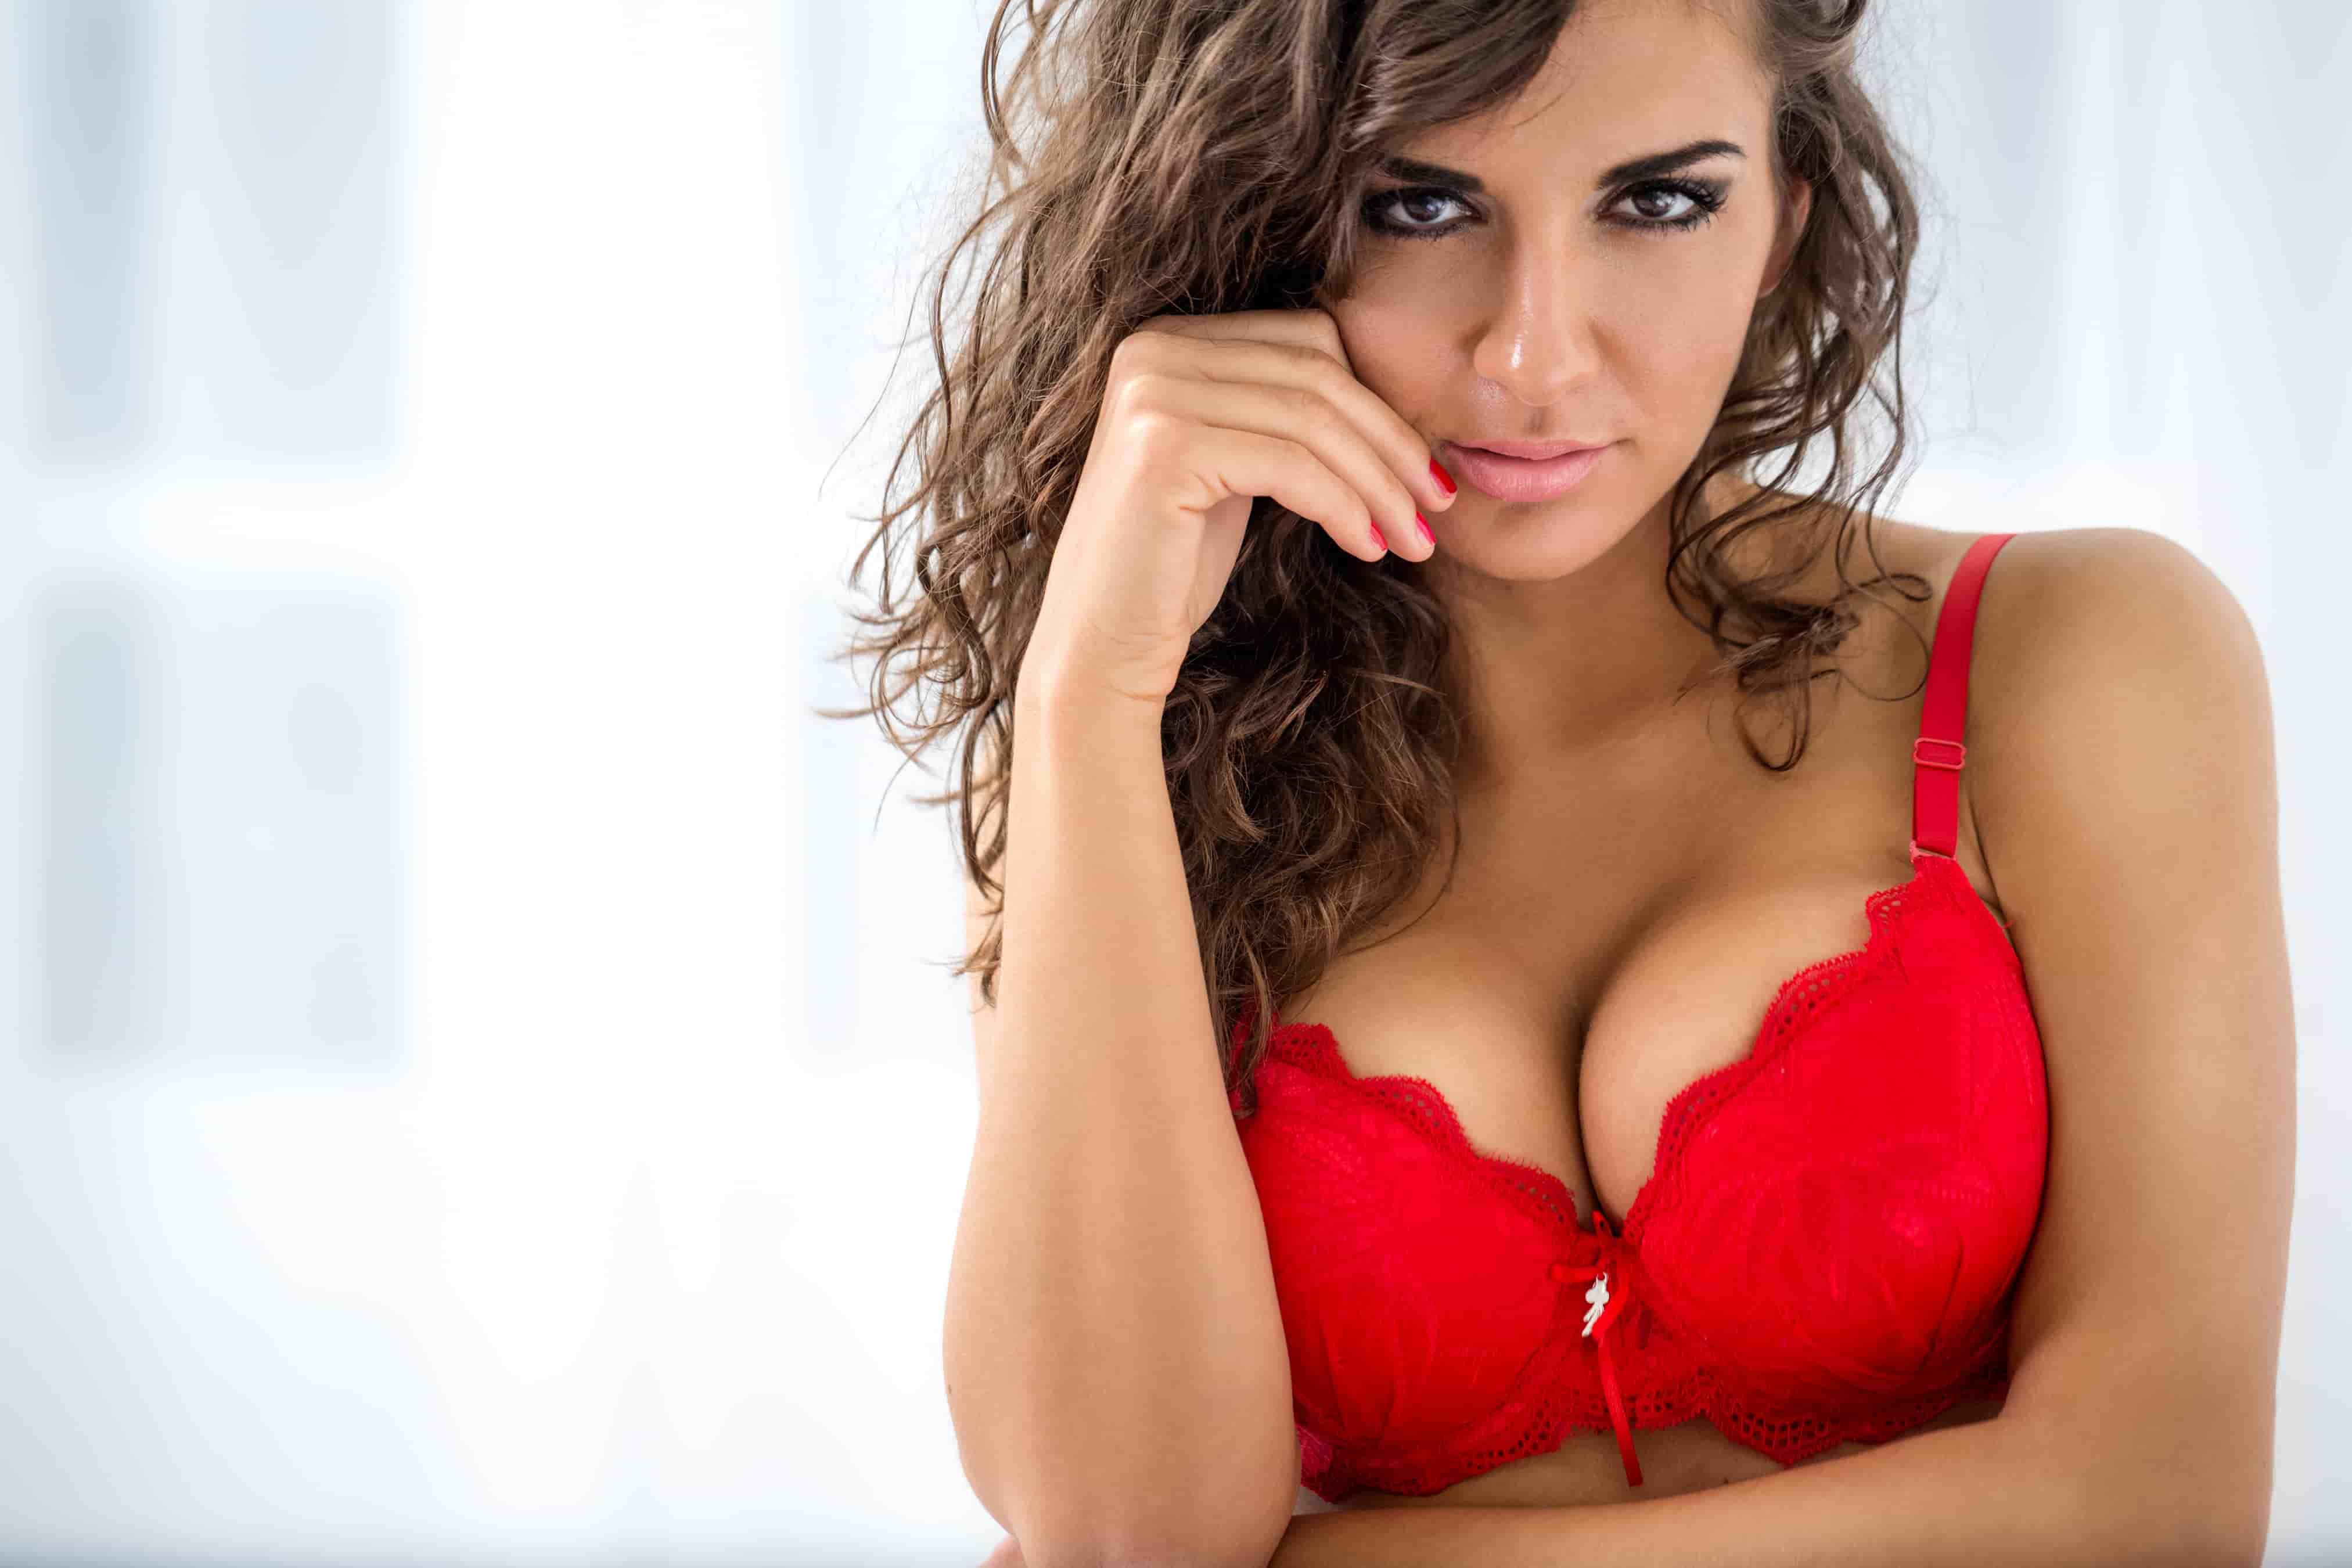 Amanda Olson Nude nsfw snapchat pornstar accounts - get nudes